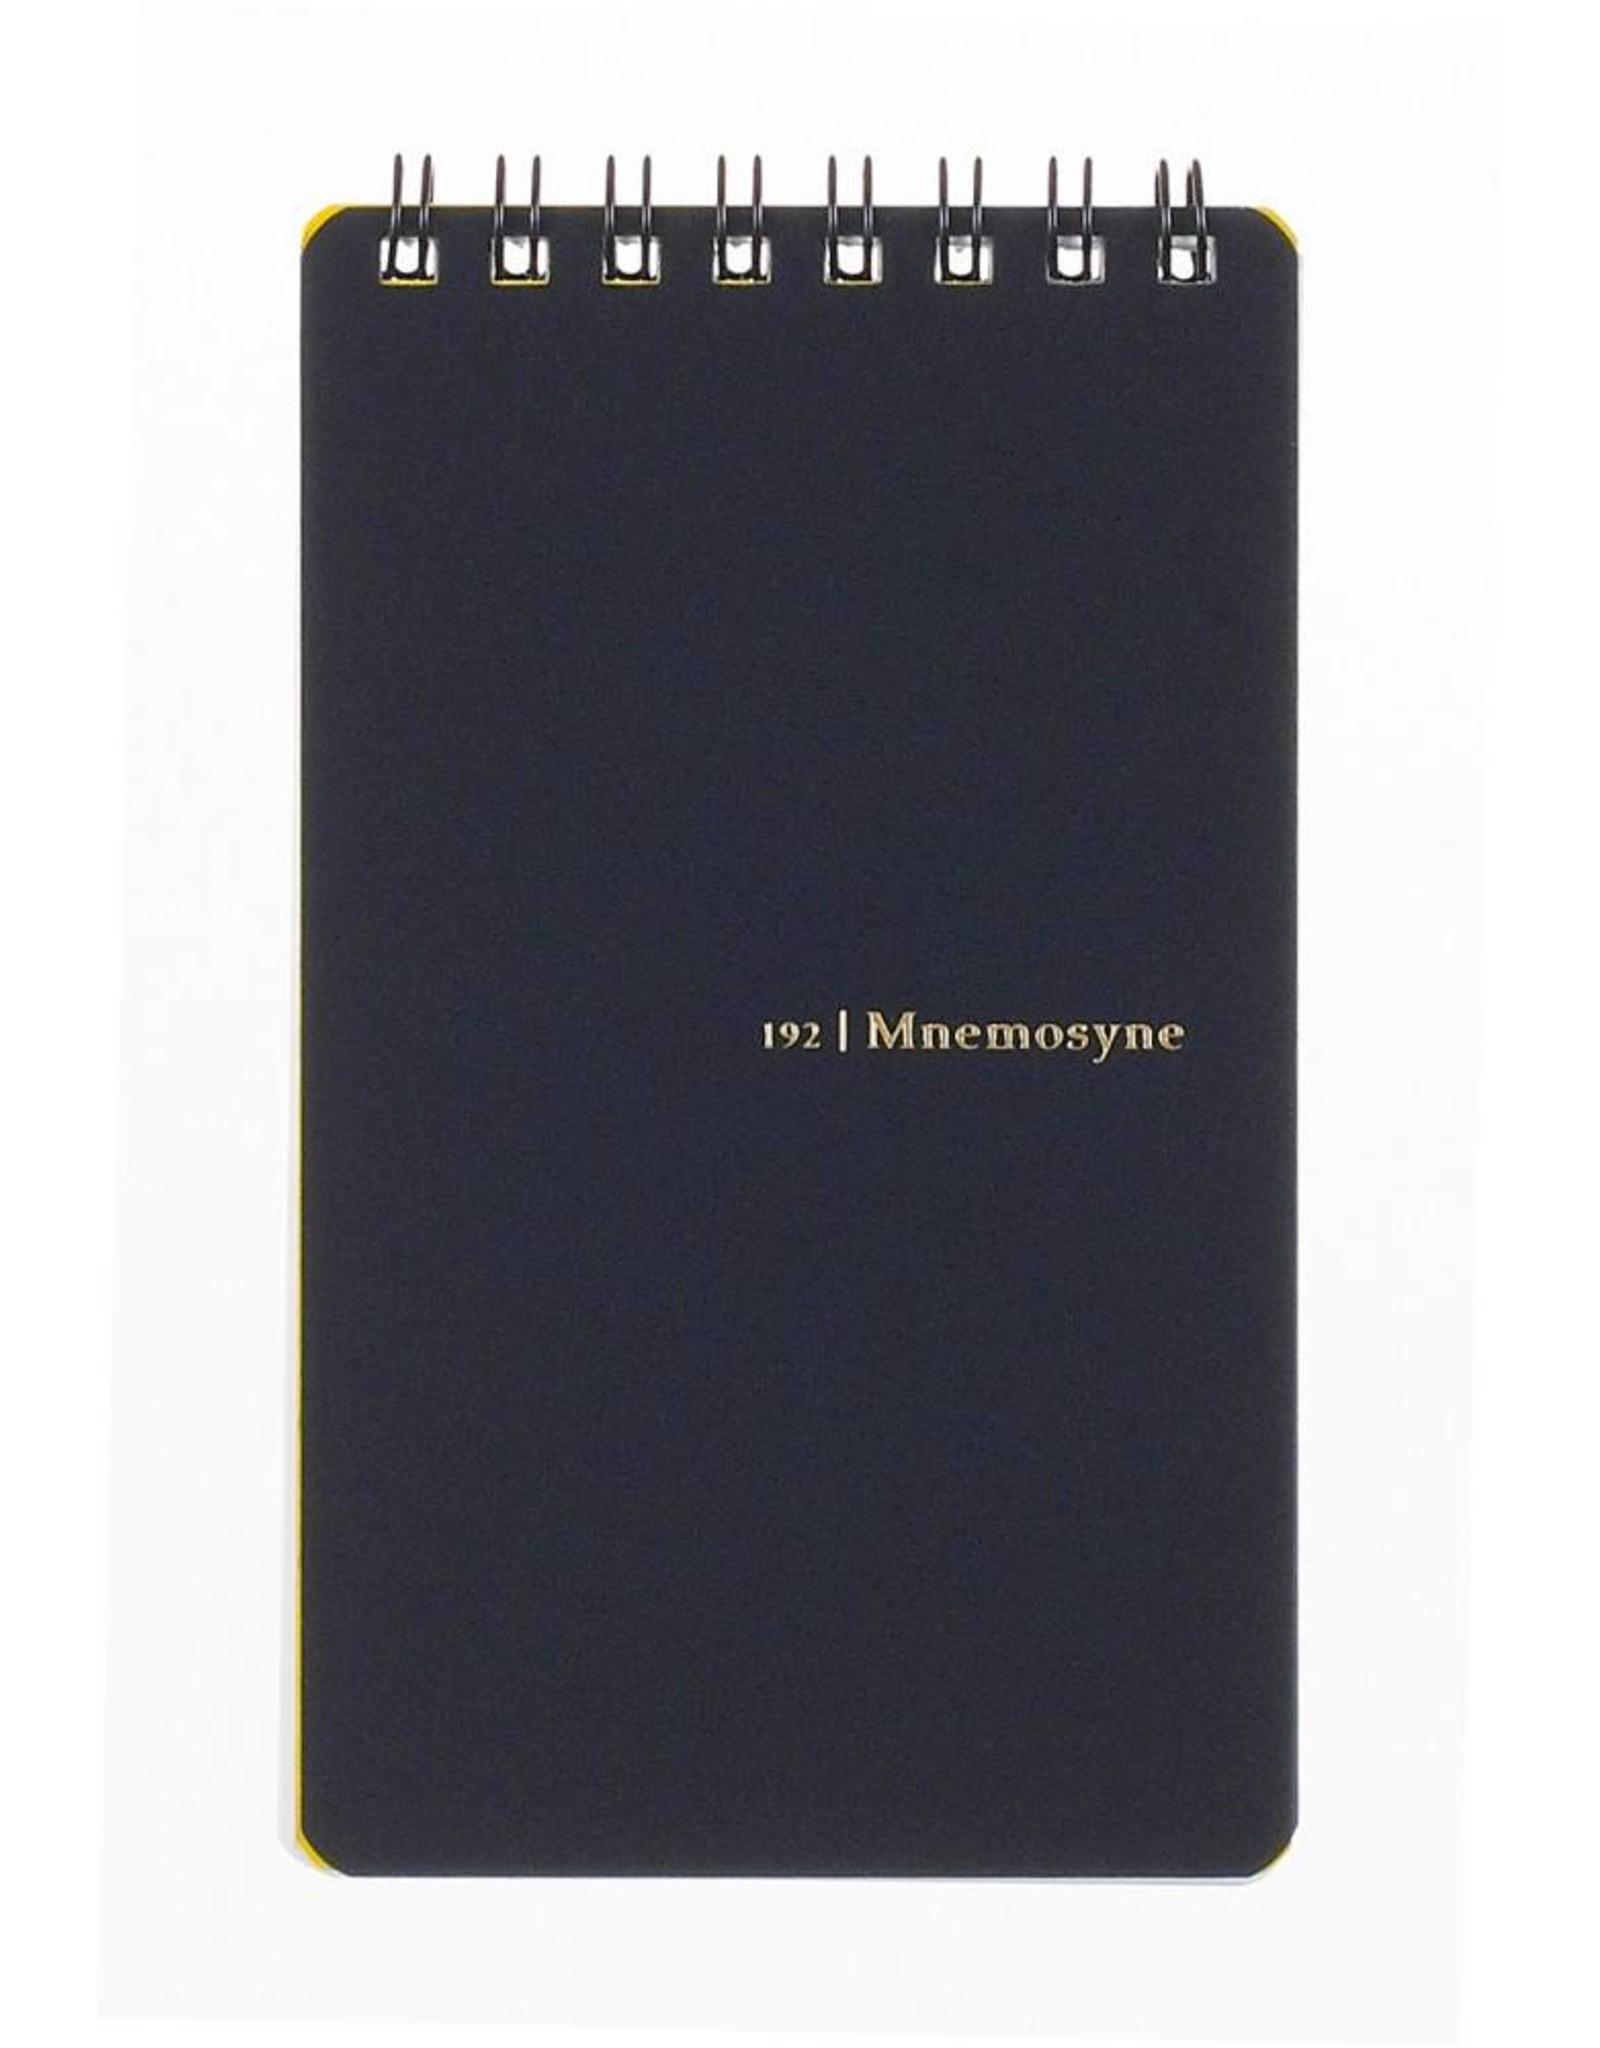 MARUMAN N192A MNEMOSYNE MEMO 5MM RULED B7 132X77MM